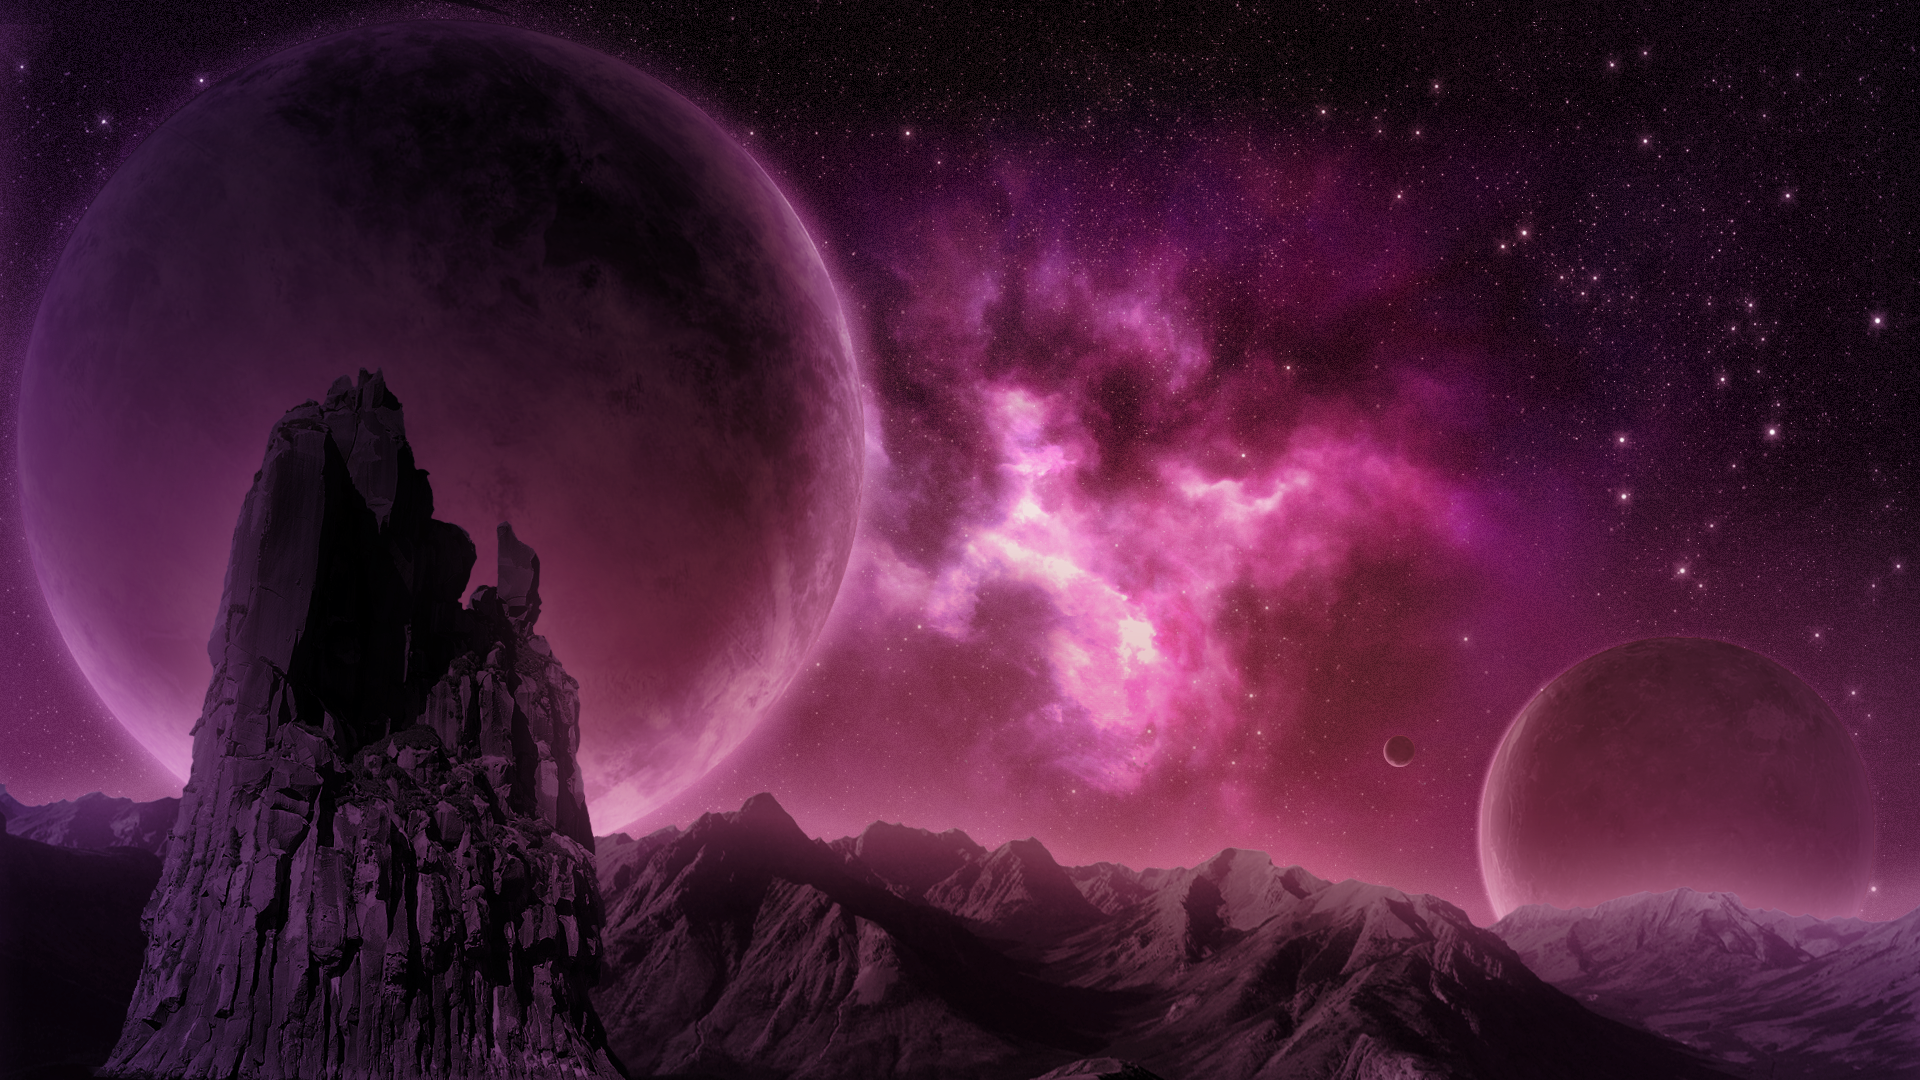 purple pink nebula - photo #43